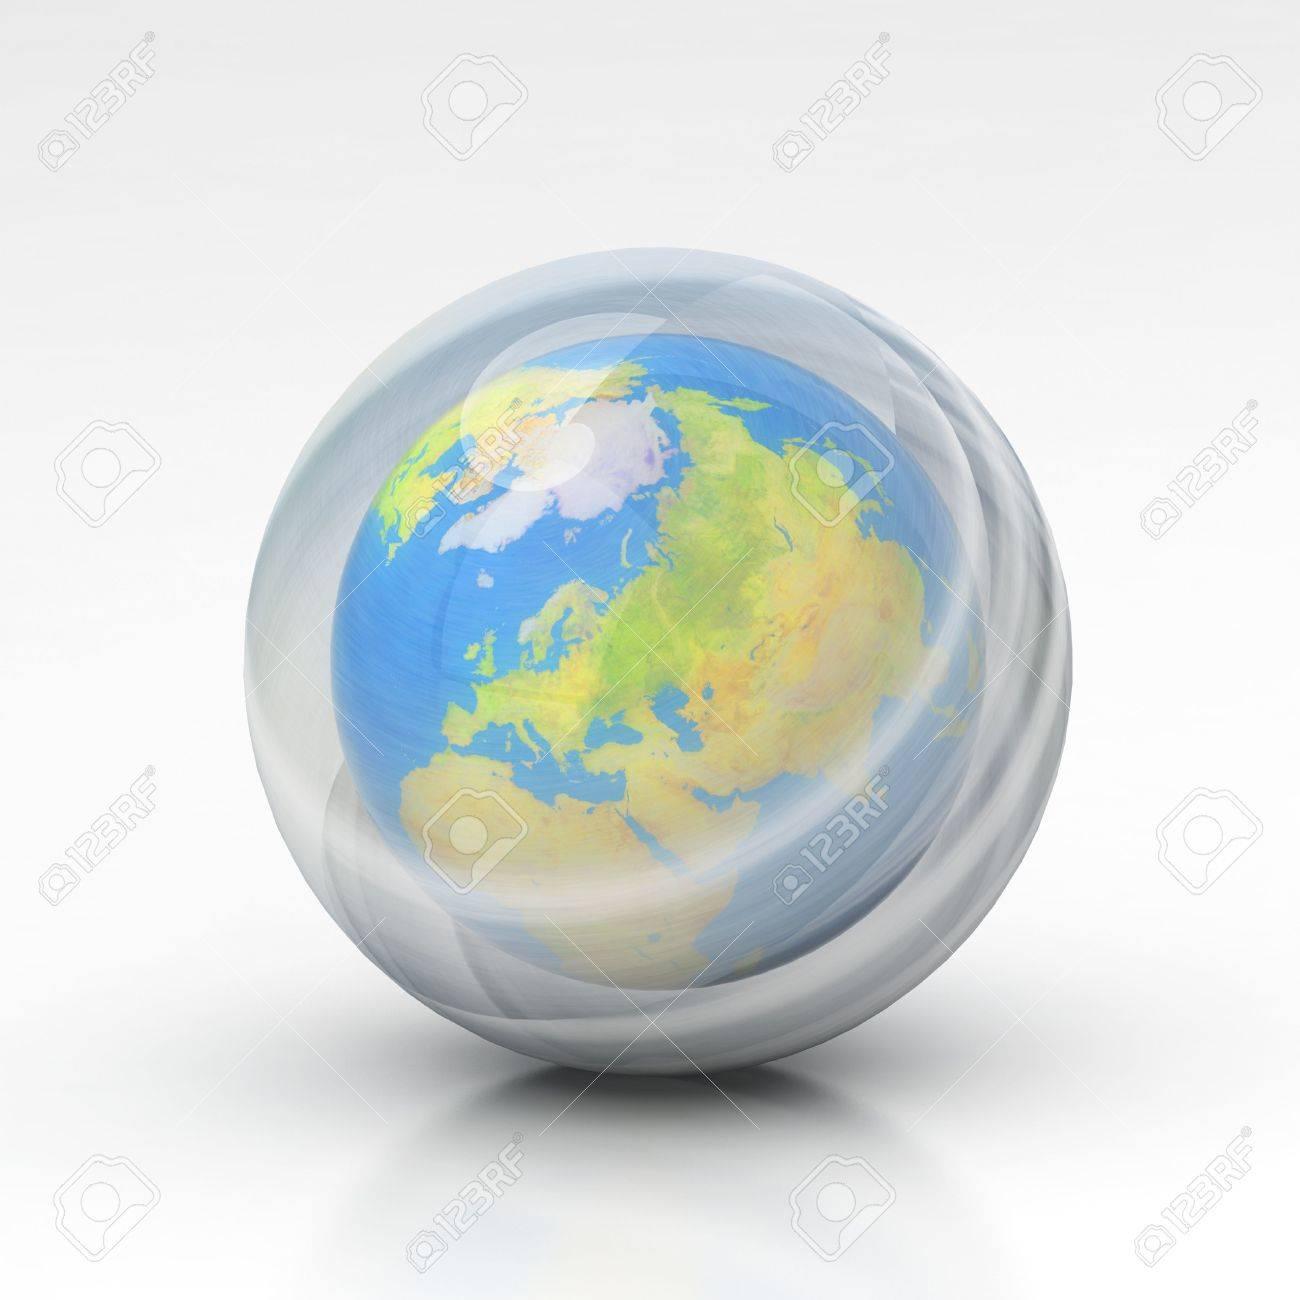 la tierra de la capa de ozono Foto de archivo - 4577122